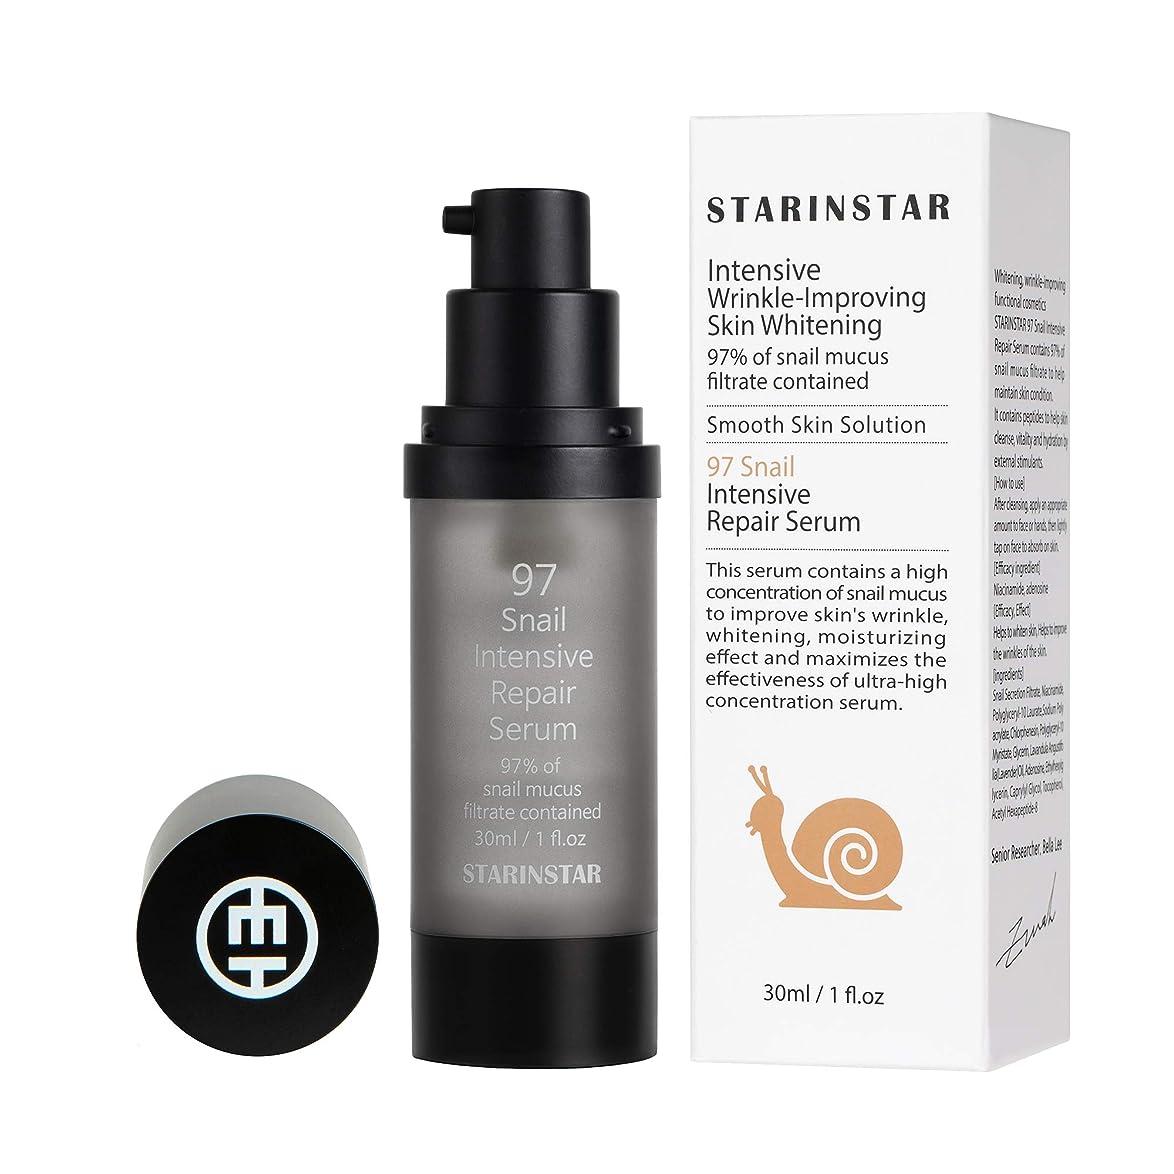 矢状別の[STARINSTAR] 97 スネイルインテンシブリペアセラム 、ラベンダー油500ppmおよびペプチド100ppm、鼻汁粘液濾液の97%、30ml / 1fl.oz